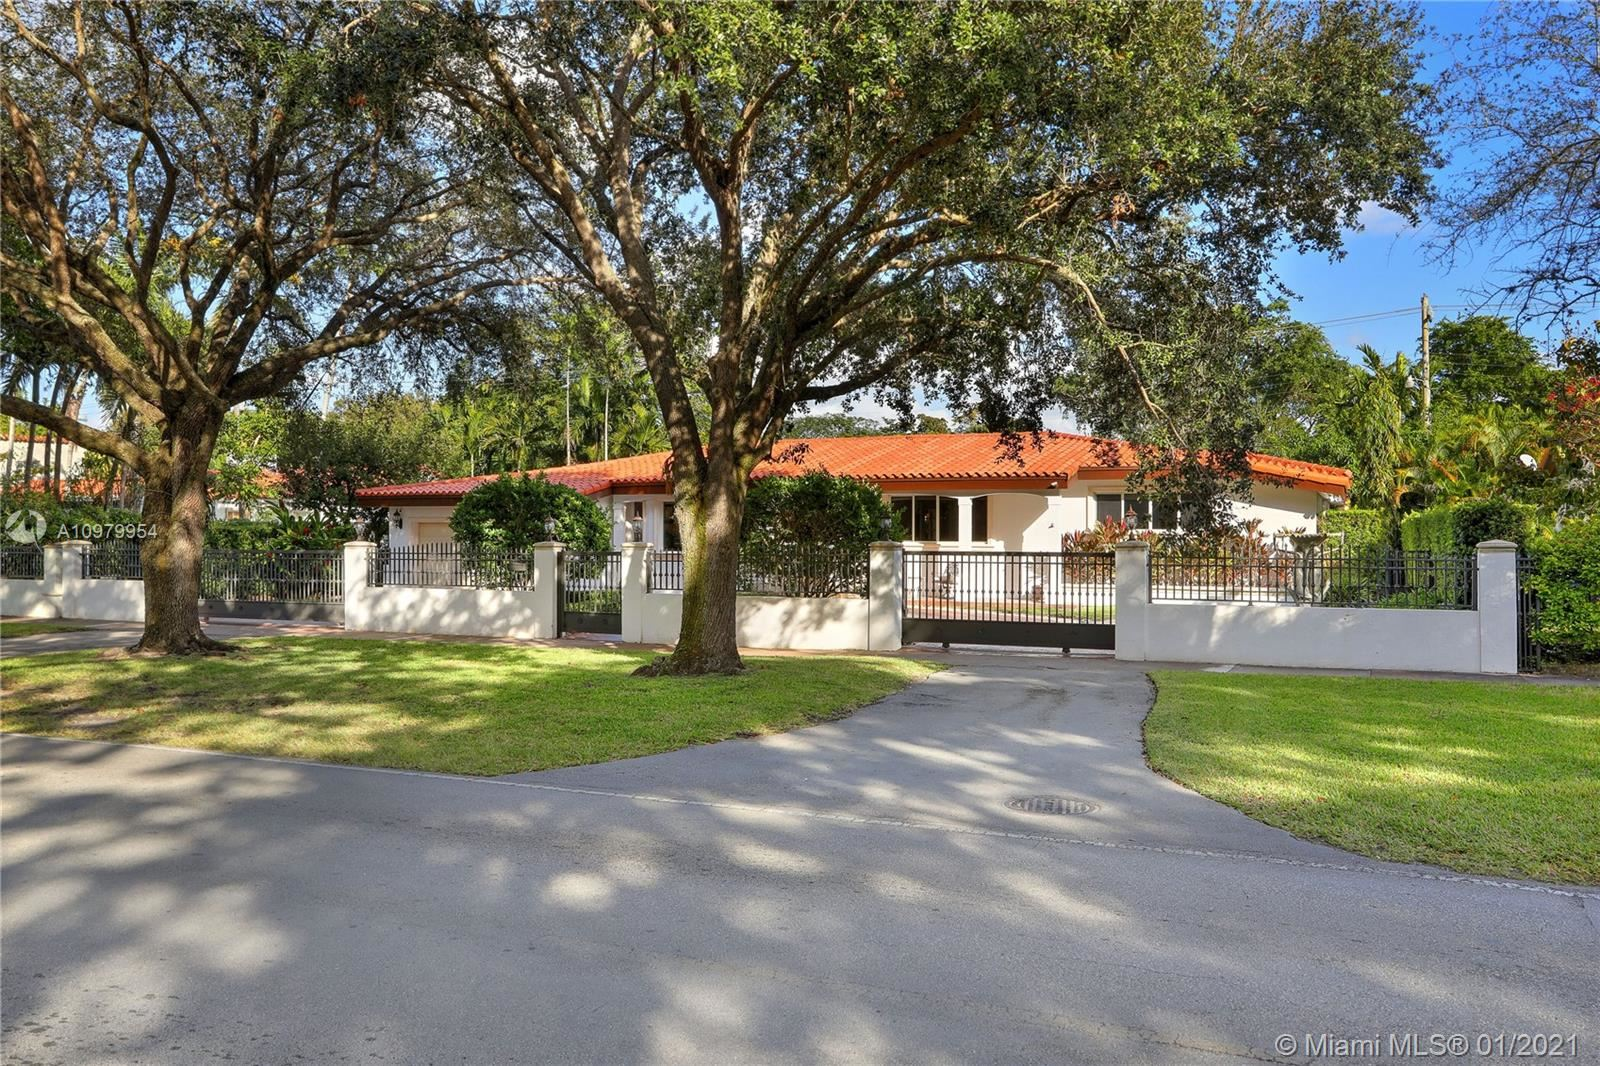 1409 Granada Blvd, Coral Gables, FL 33134 - #: A10979954